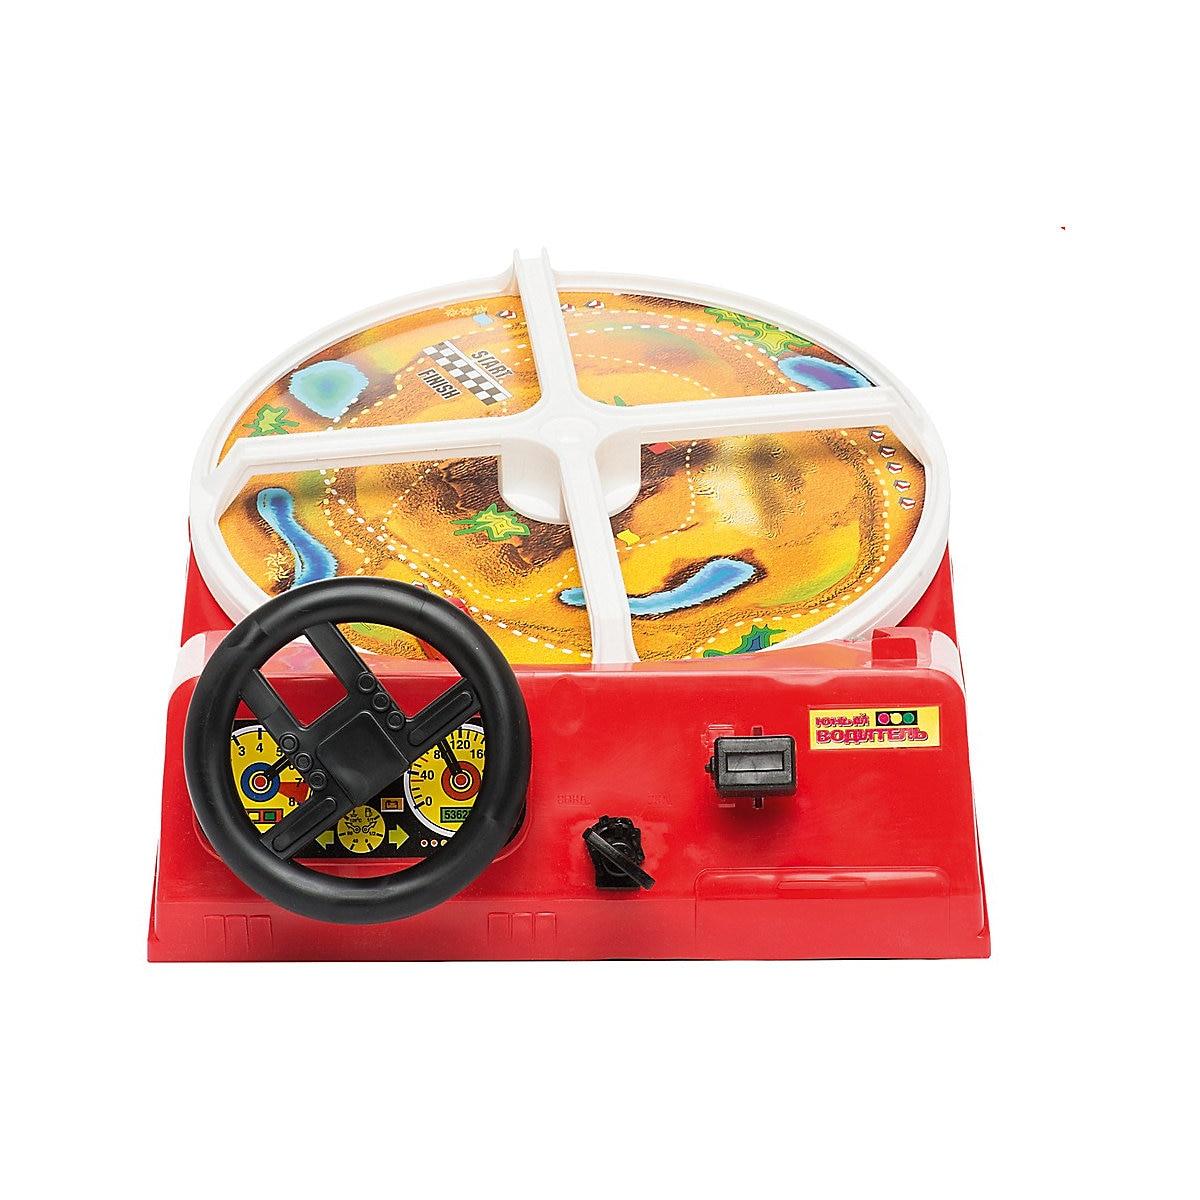 Salle de jeux omskiy zavod elektrotovarov 8042558 jouets jeu de société enfants jeux éducatifs chambre pour garçons filles